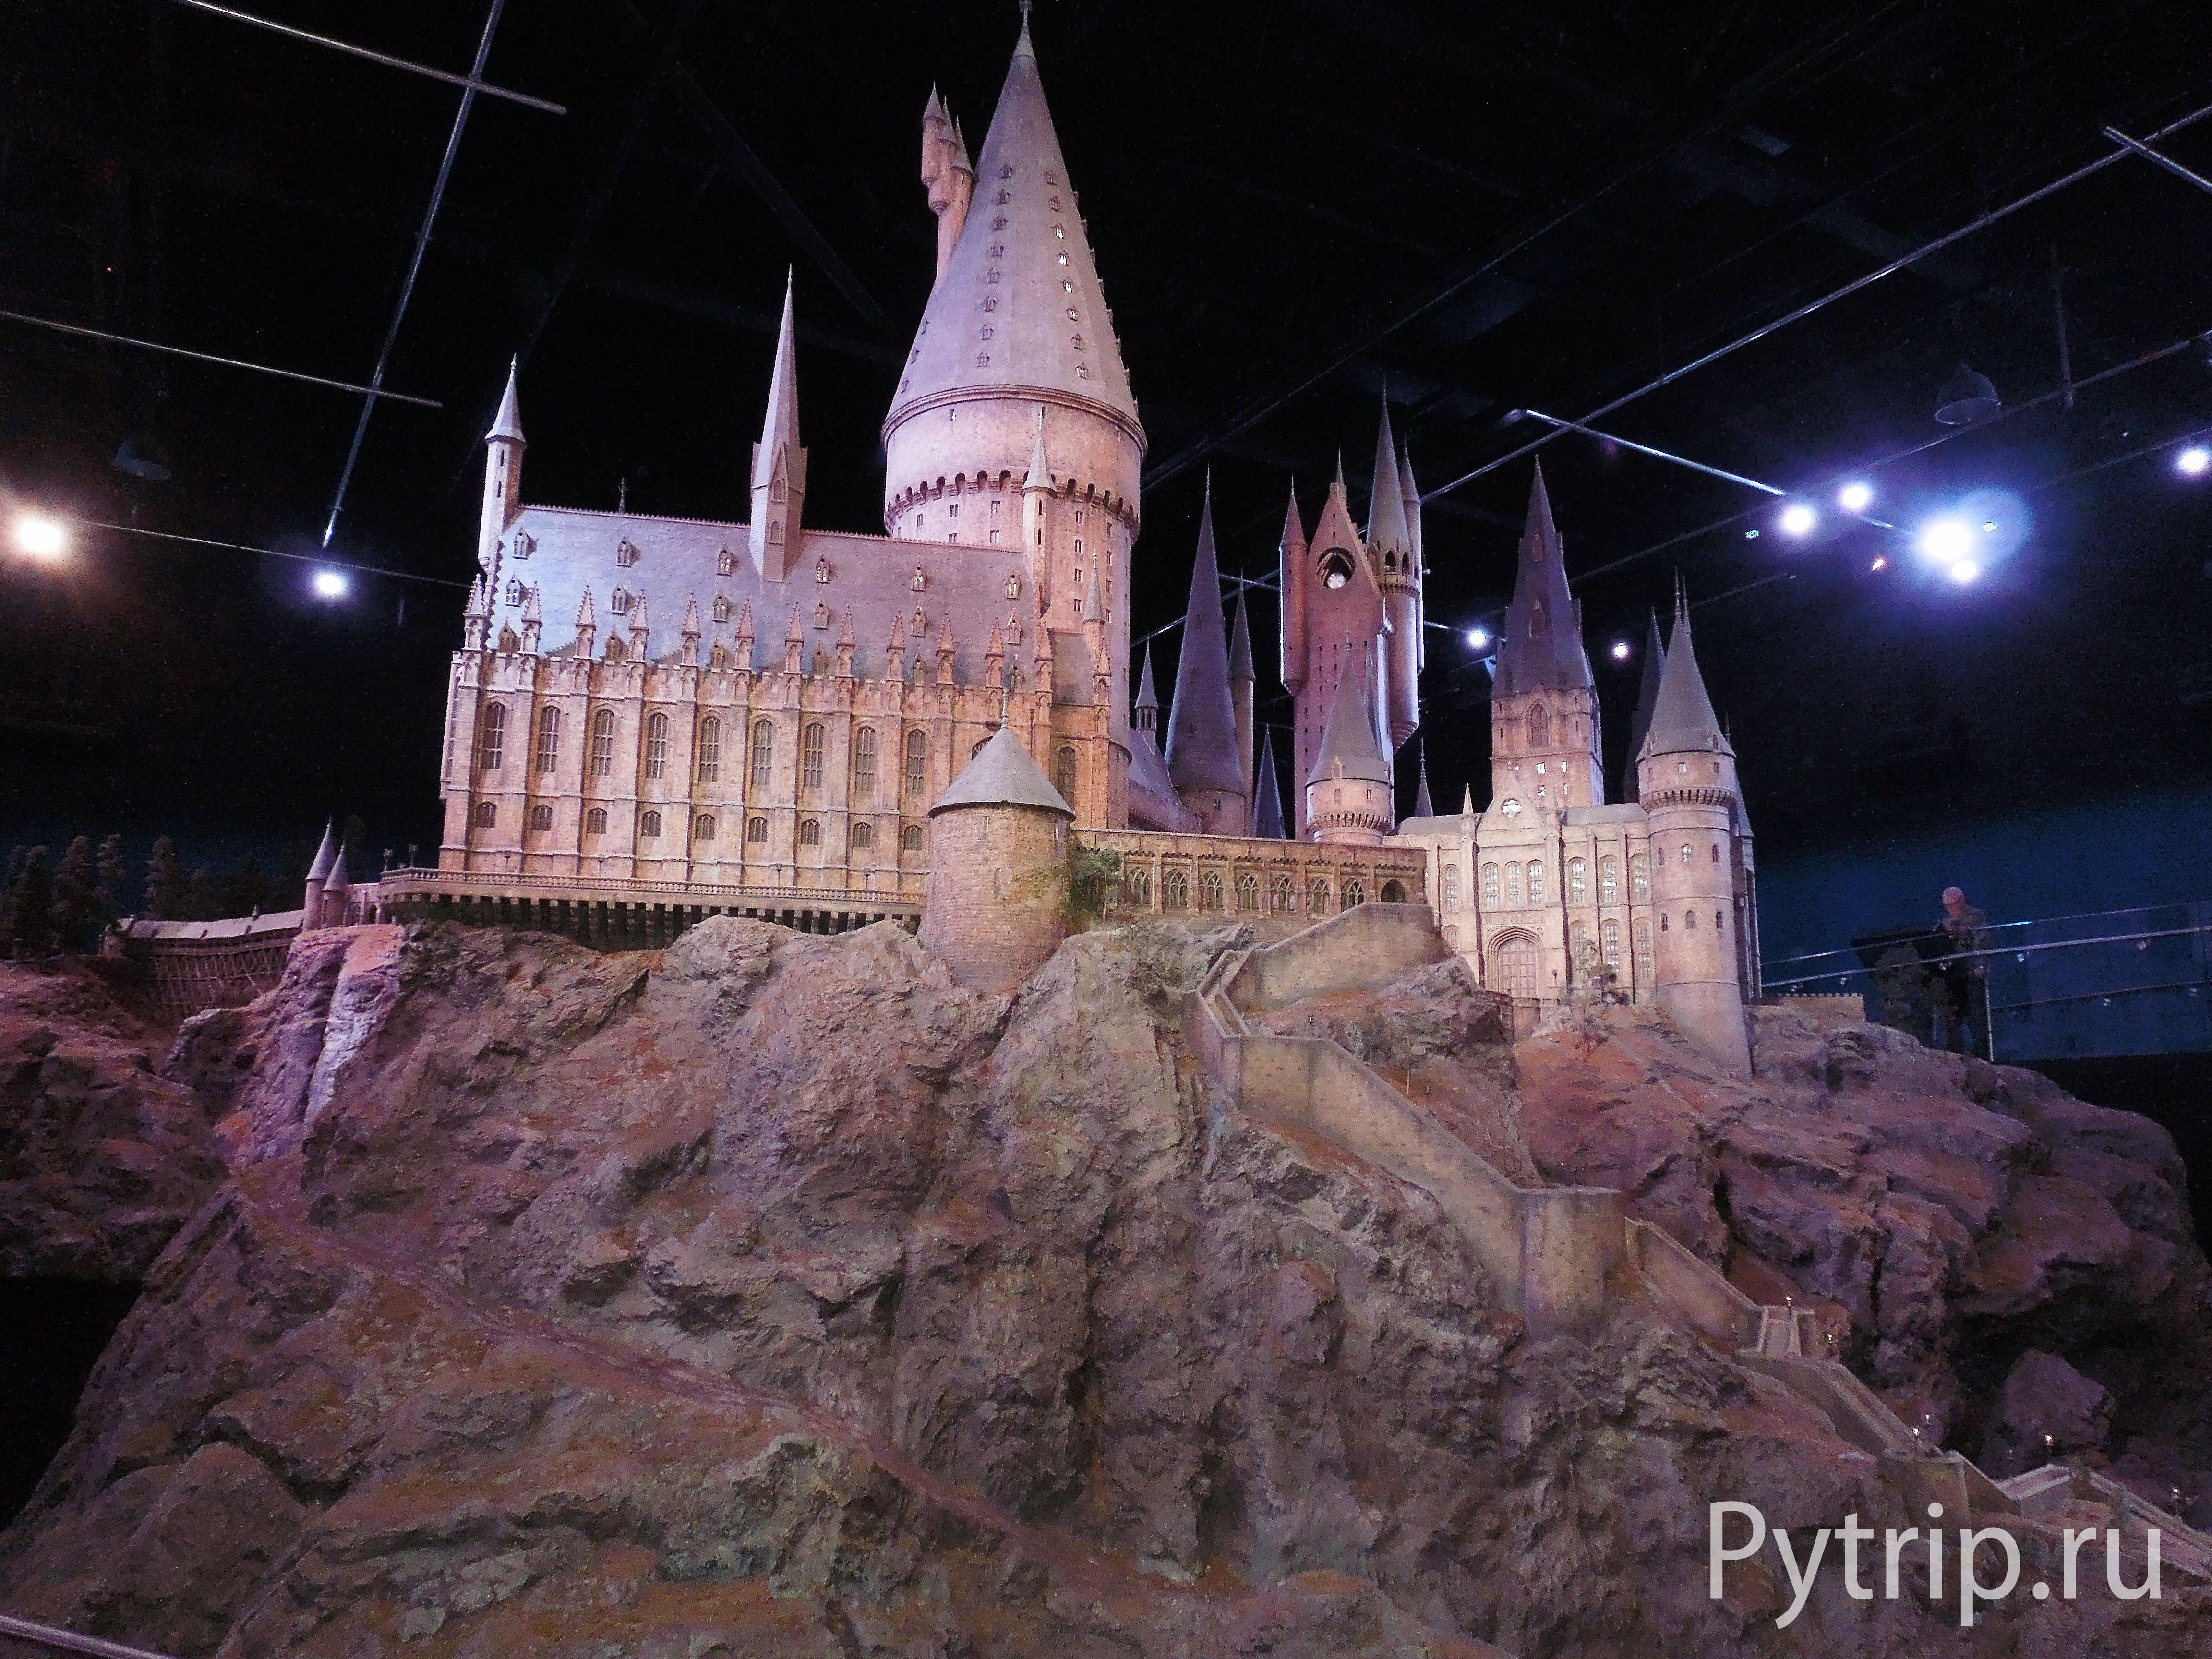 Замок Хогвартс в музее Ливсден